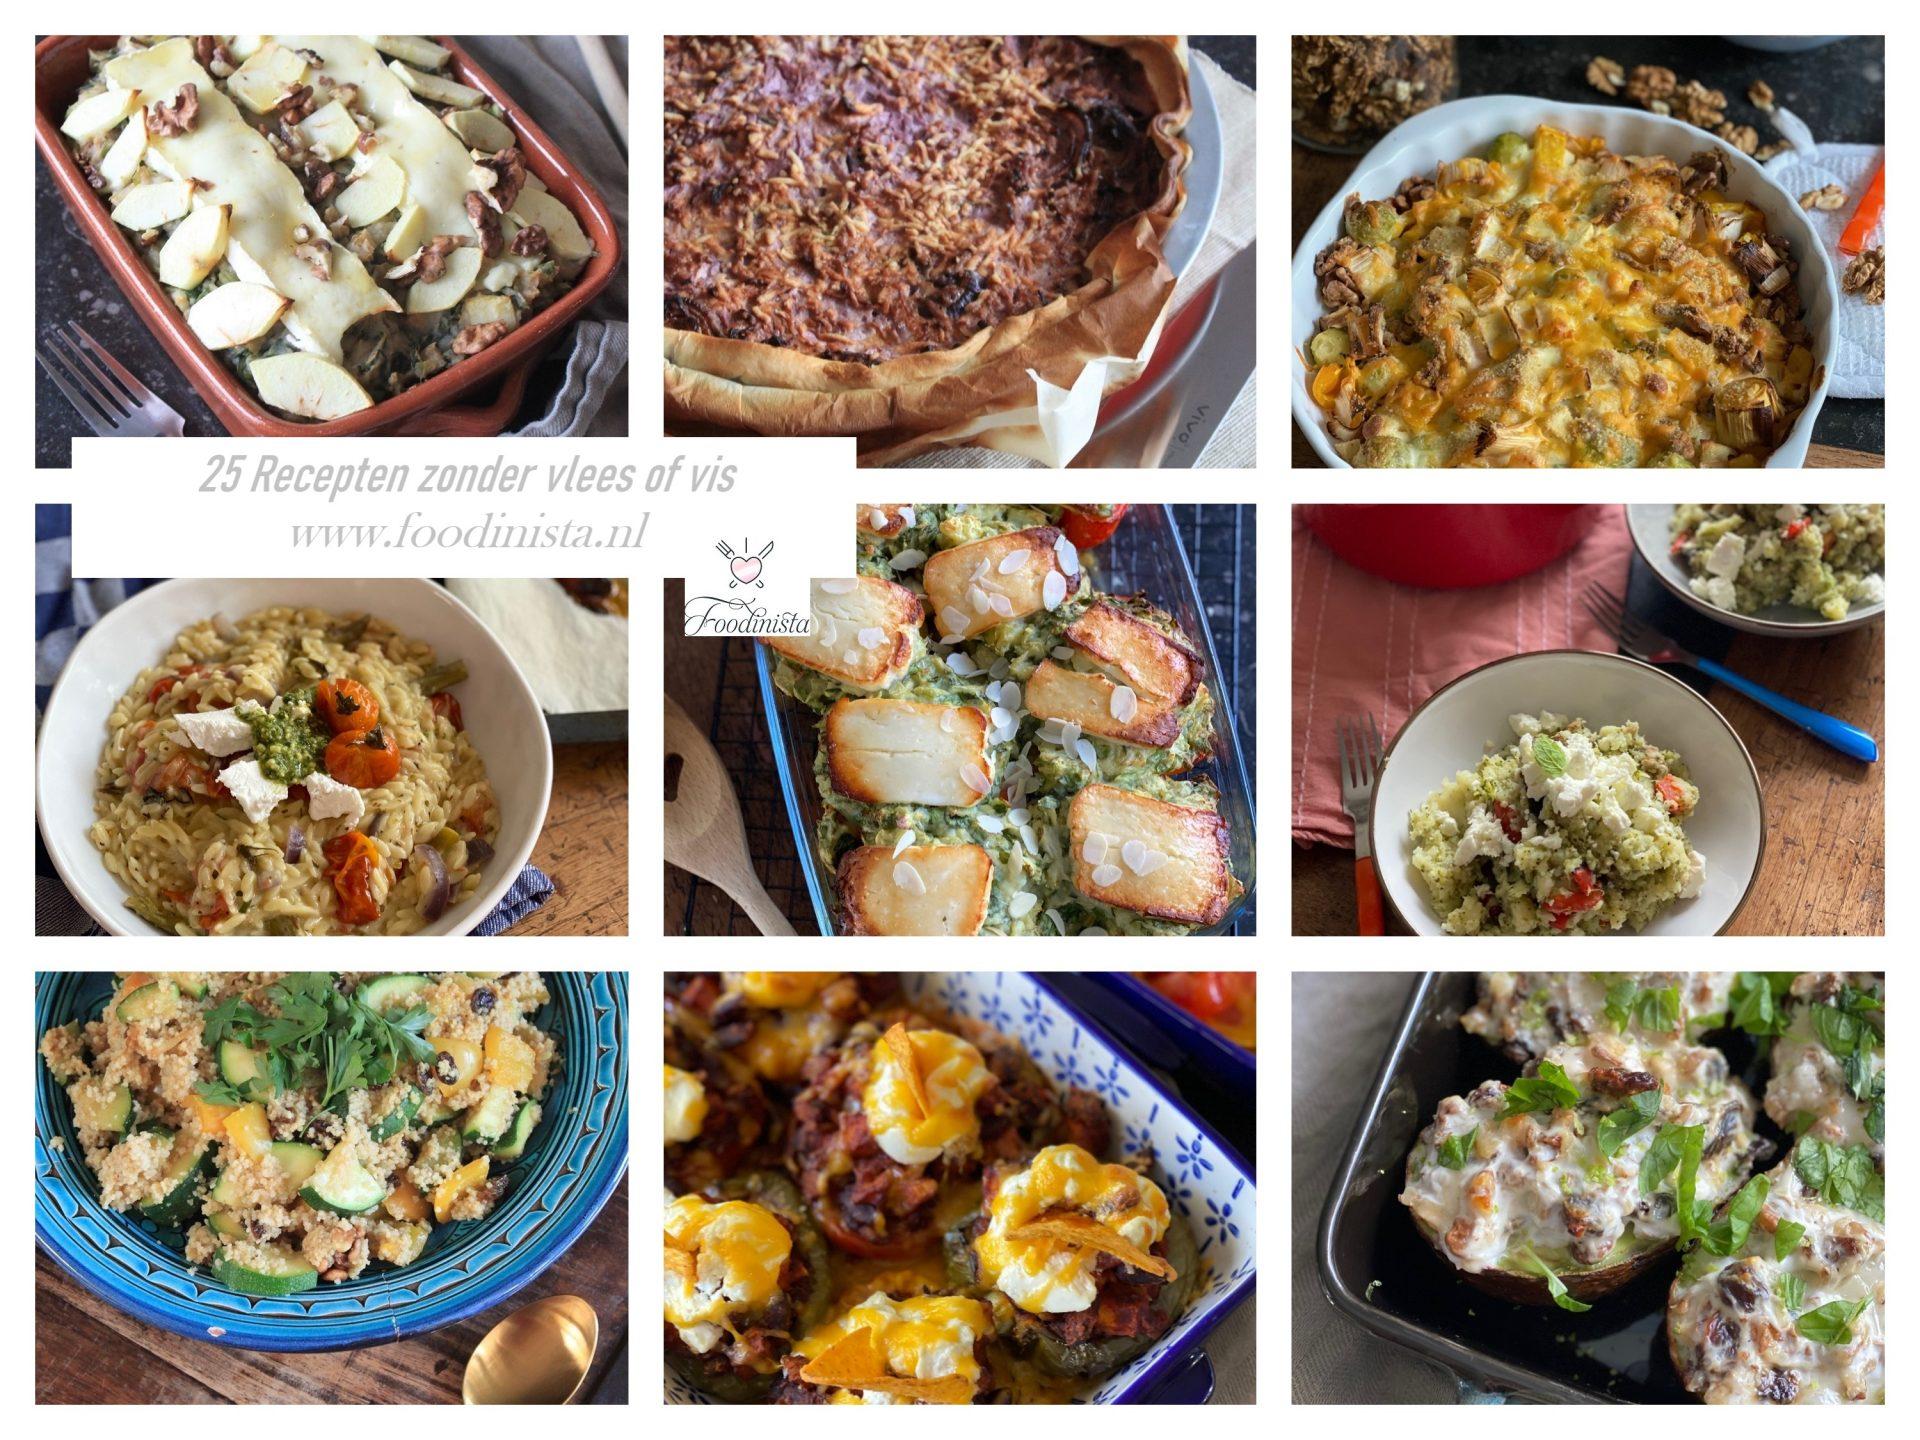 25 Recept ideeën voor de Week zonder vlees - Leuke Vegetarische recepten - Foodblog Foodinista